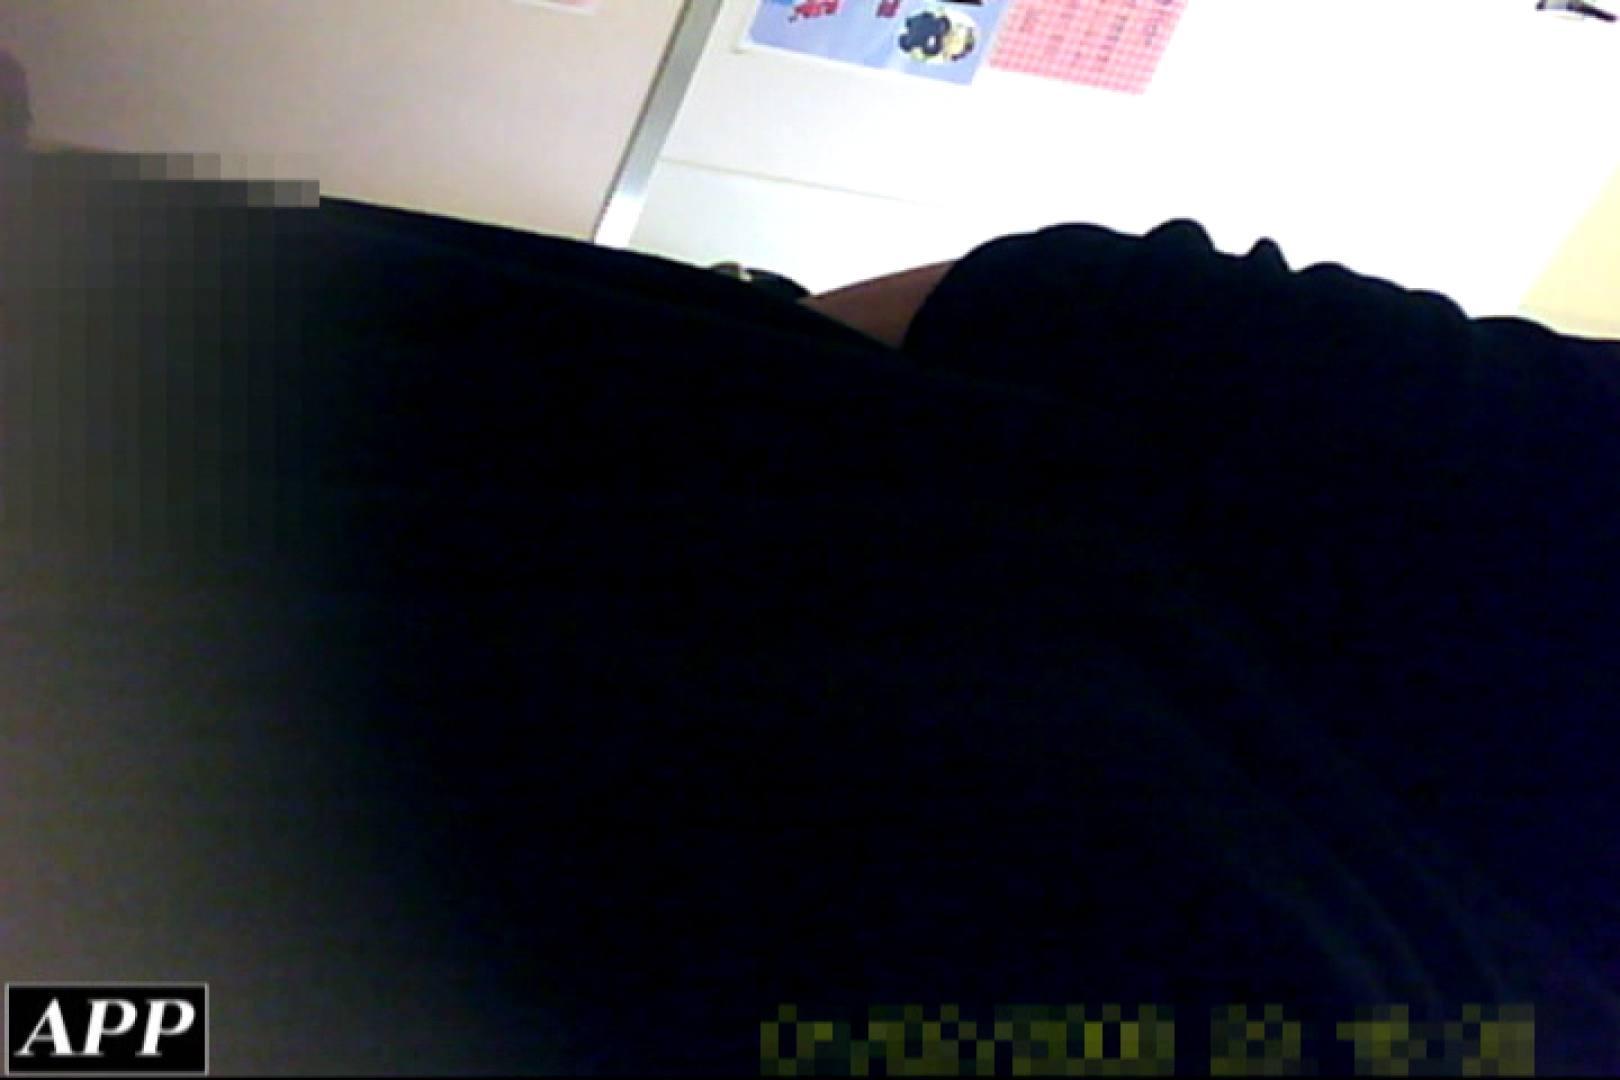 3視点洗面所 vol.105 たまらん肛門 ワレメ動画紹介 99連発 95